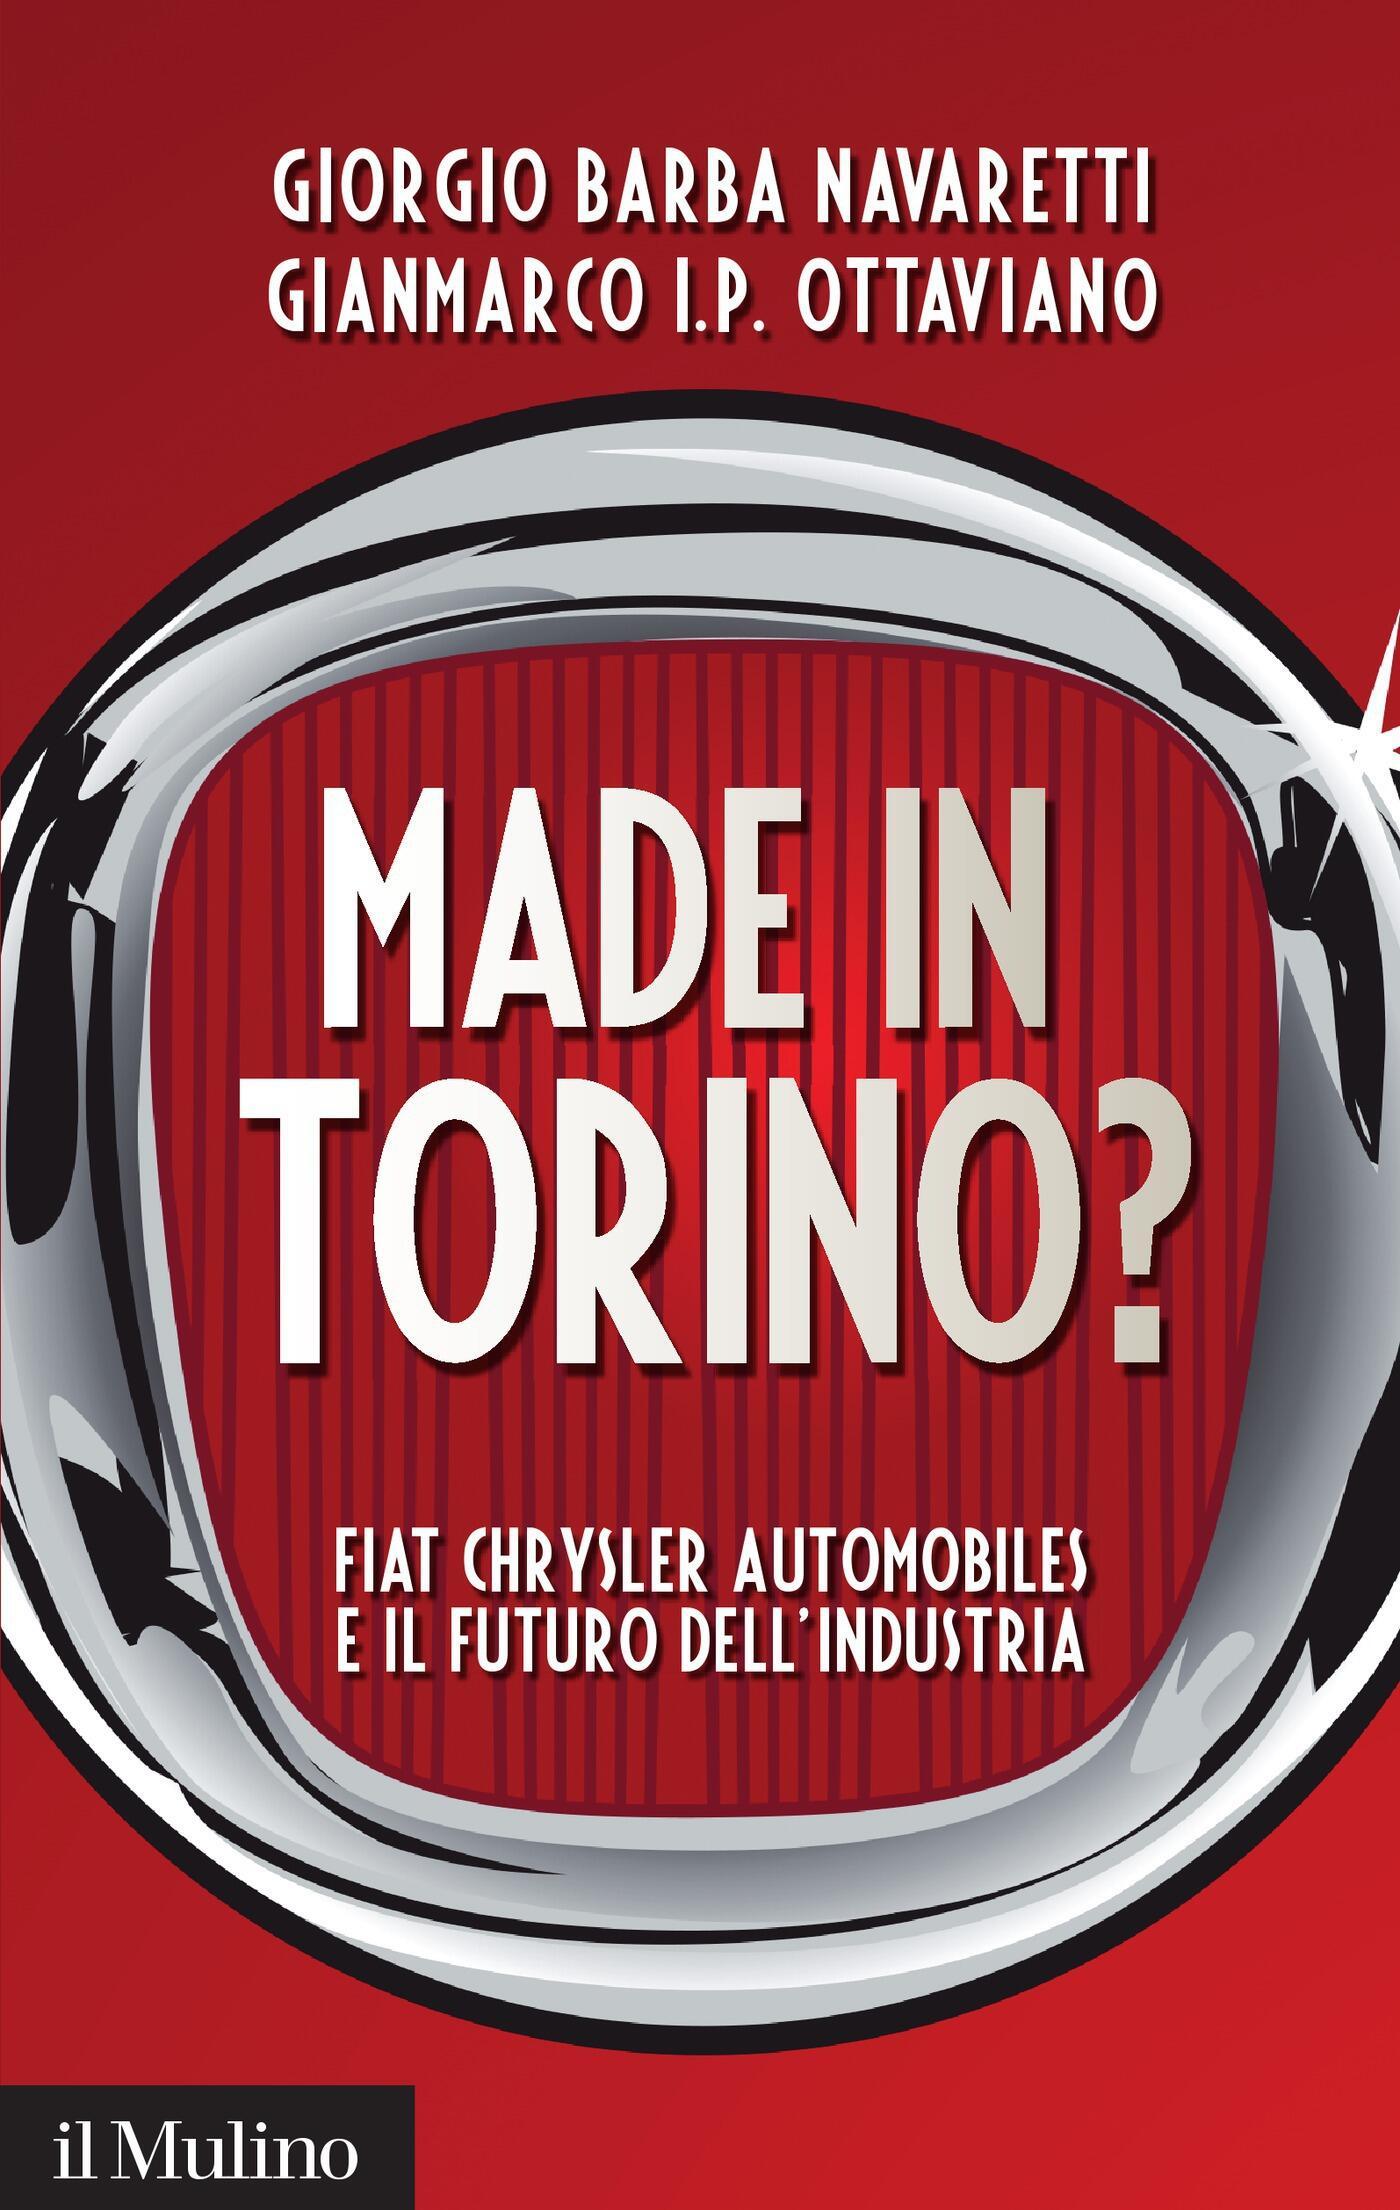 made in torino? fiat chrysler automobiles e il futuro dell